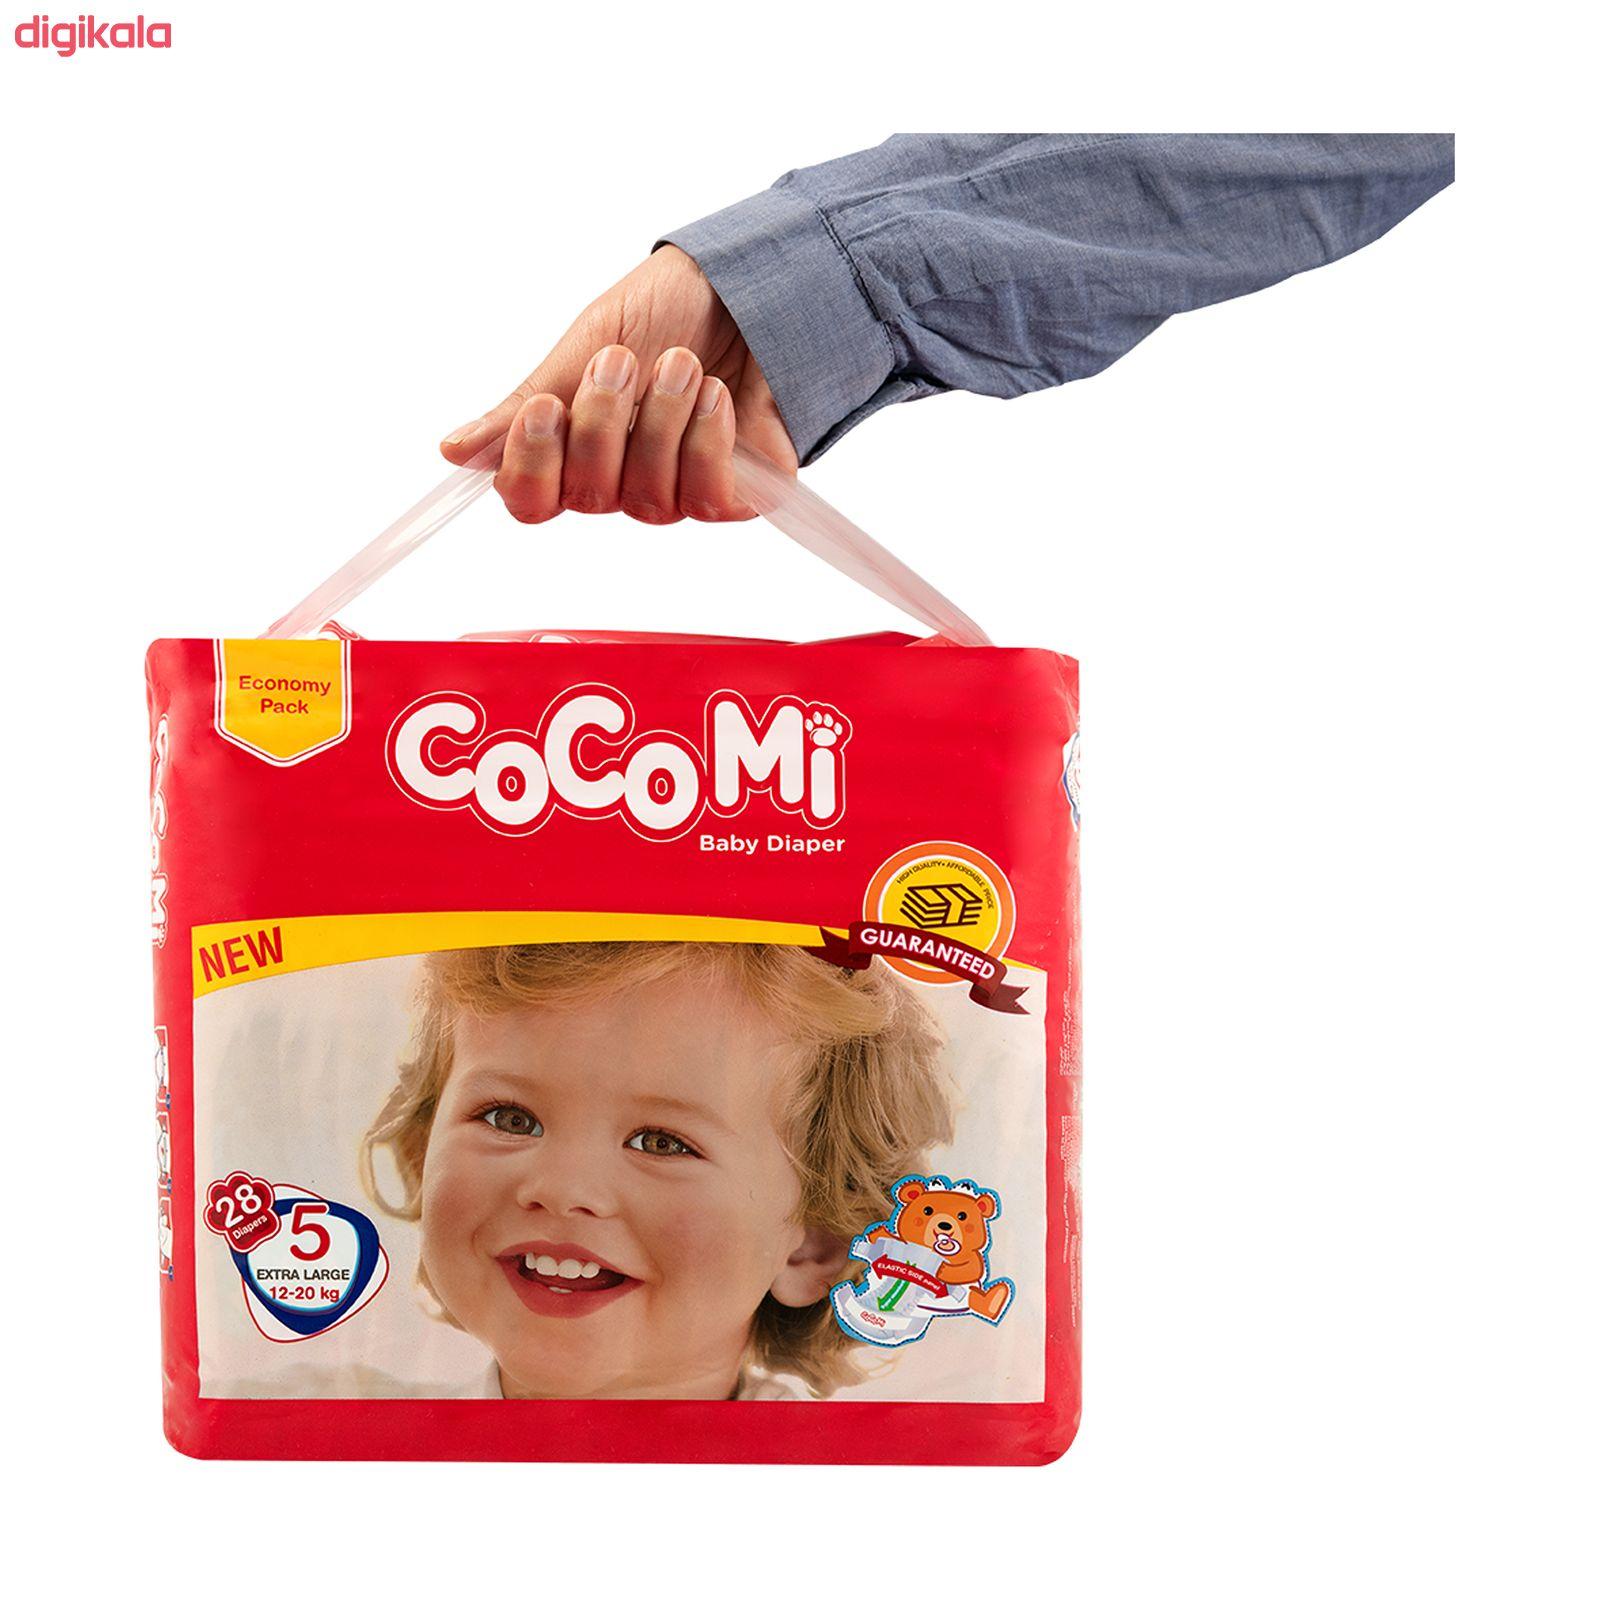 پوشک کوکومی مدل Economy Pack سایز 5 بسته 28 عددی main 1 8